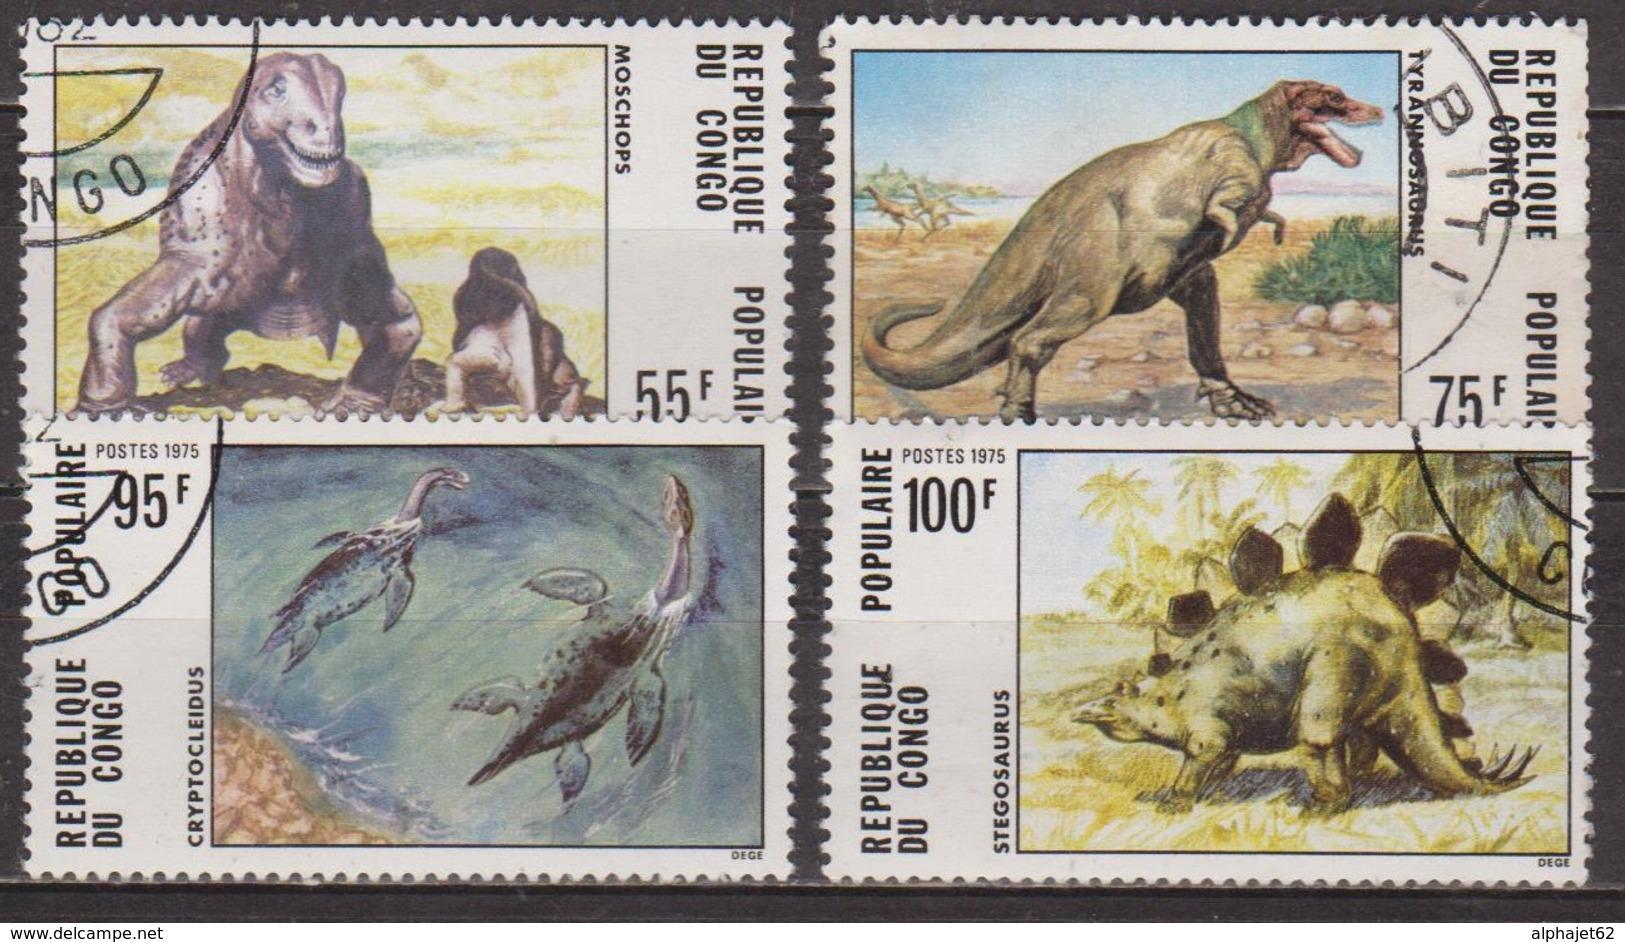 Animaux Préhistoriques - Dinosaures - CONGO - Moshops, Tyrannosaure, Cryptoclédus, Stégosaure - N° 401 à 404 - 1975 - Congo - Brazzaville